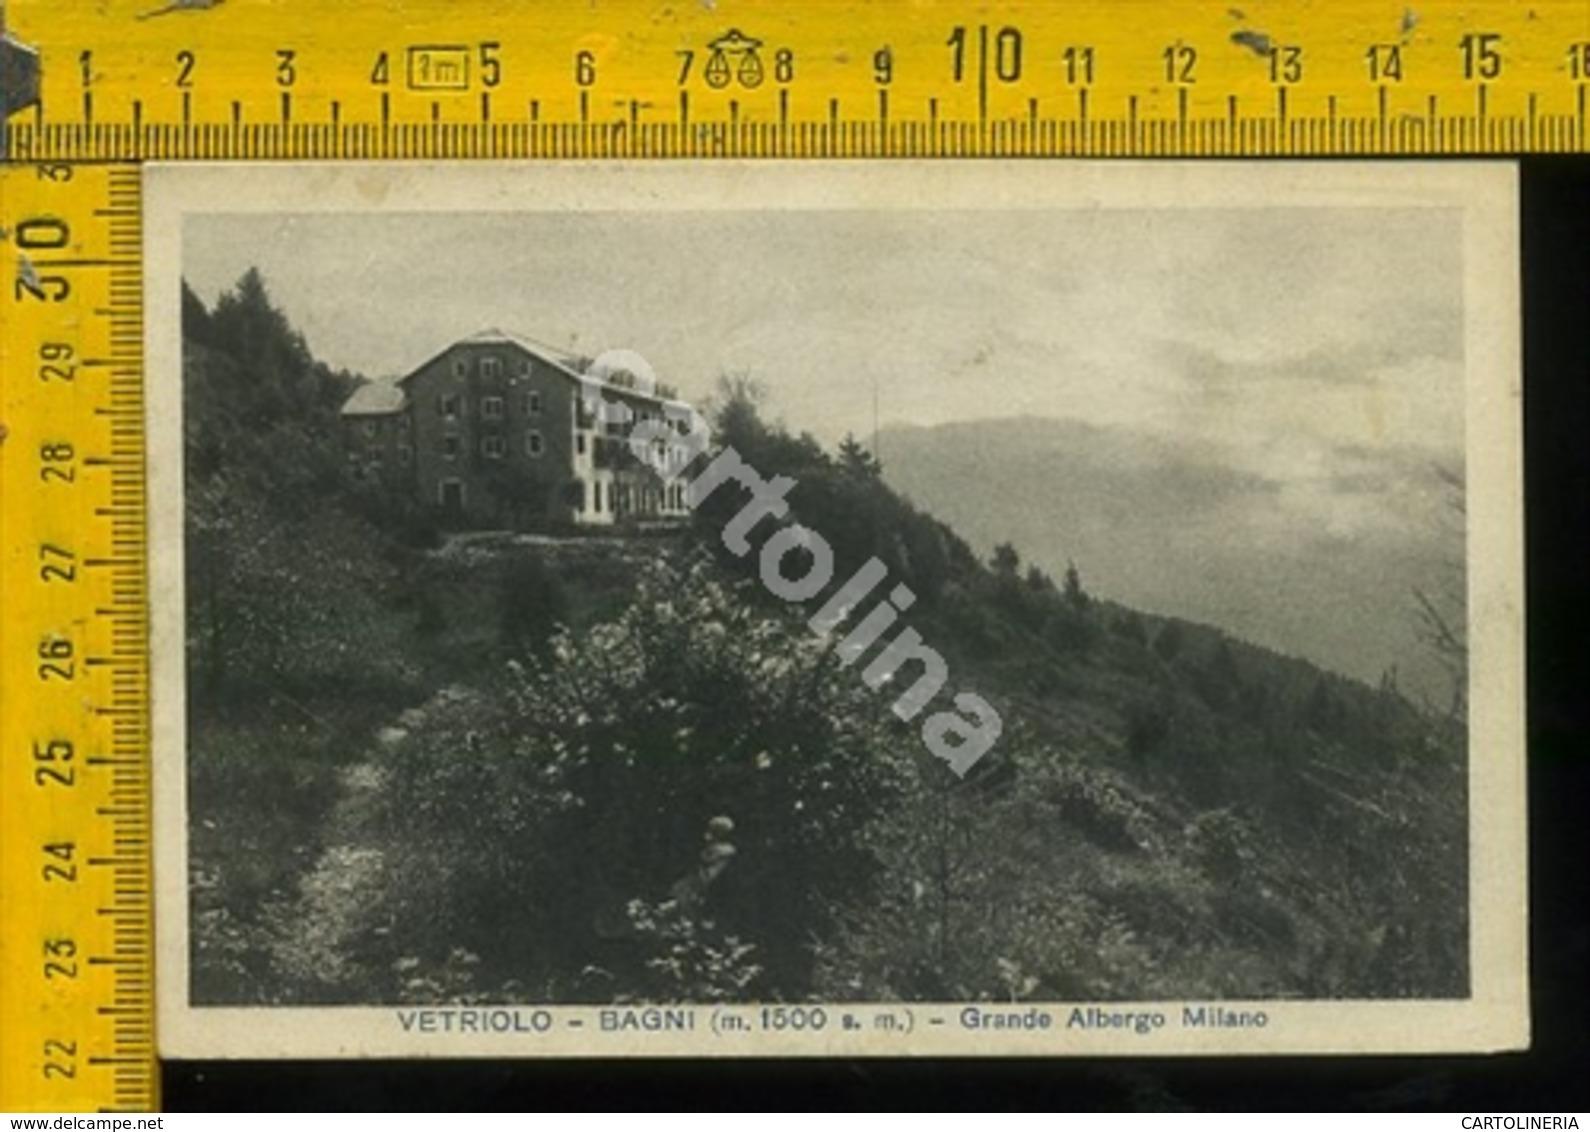 Trento Vetriolo Bagni - Trento